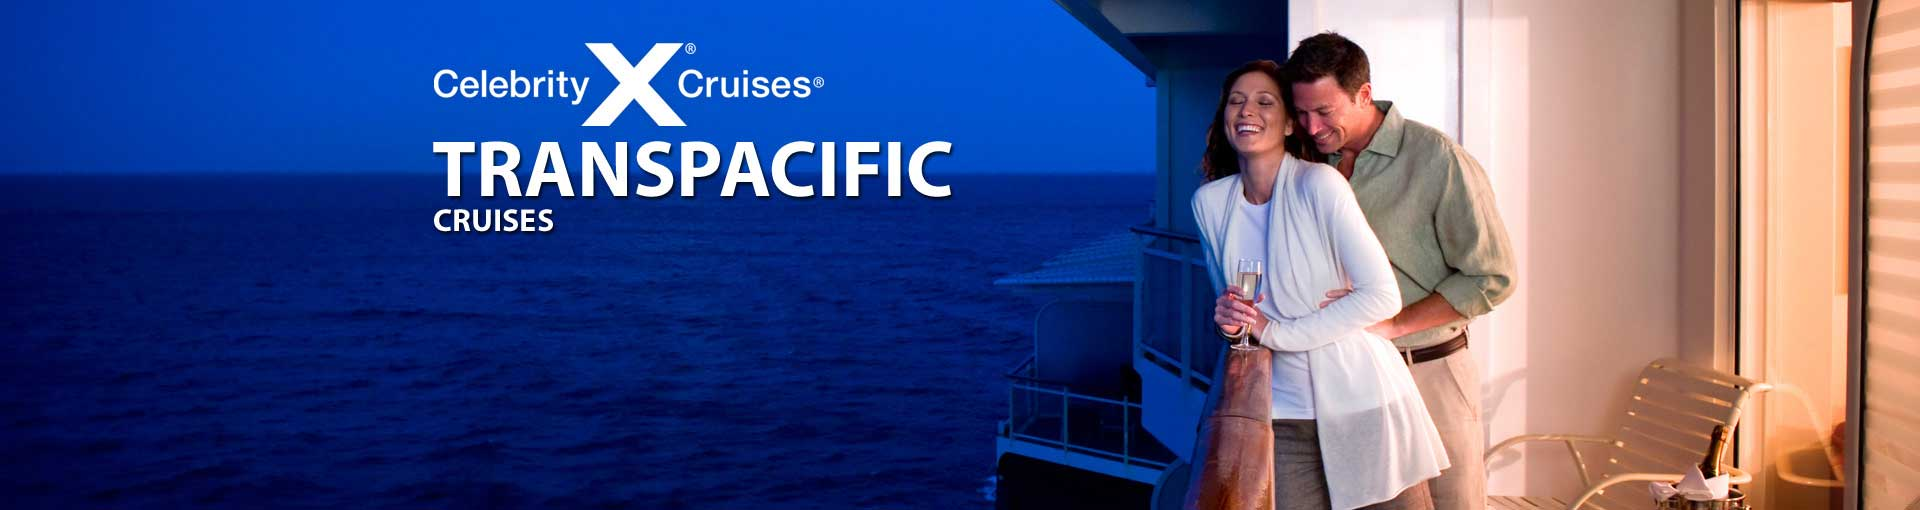 Celebrity Cruises Transpacific Cruises